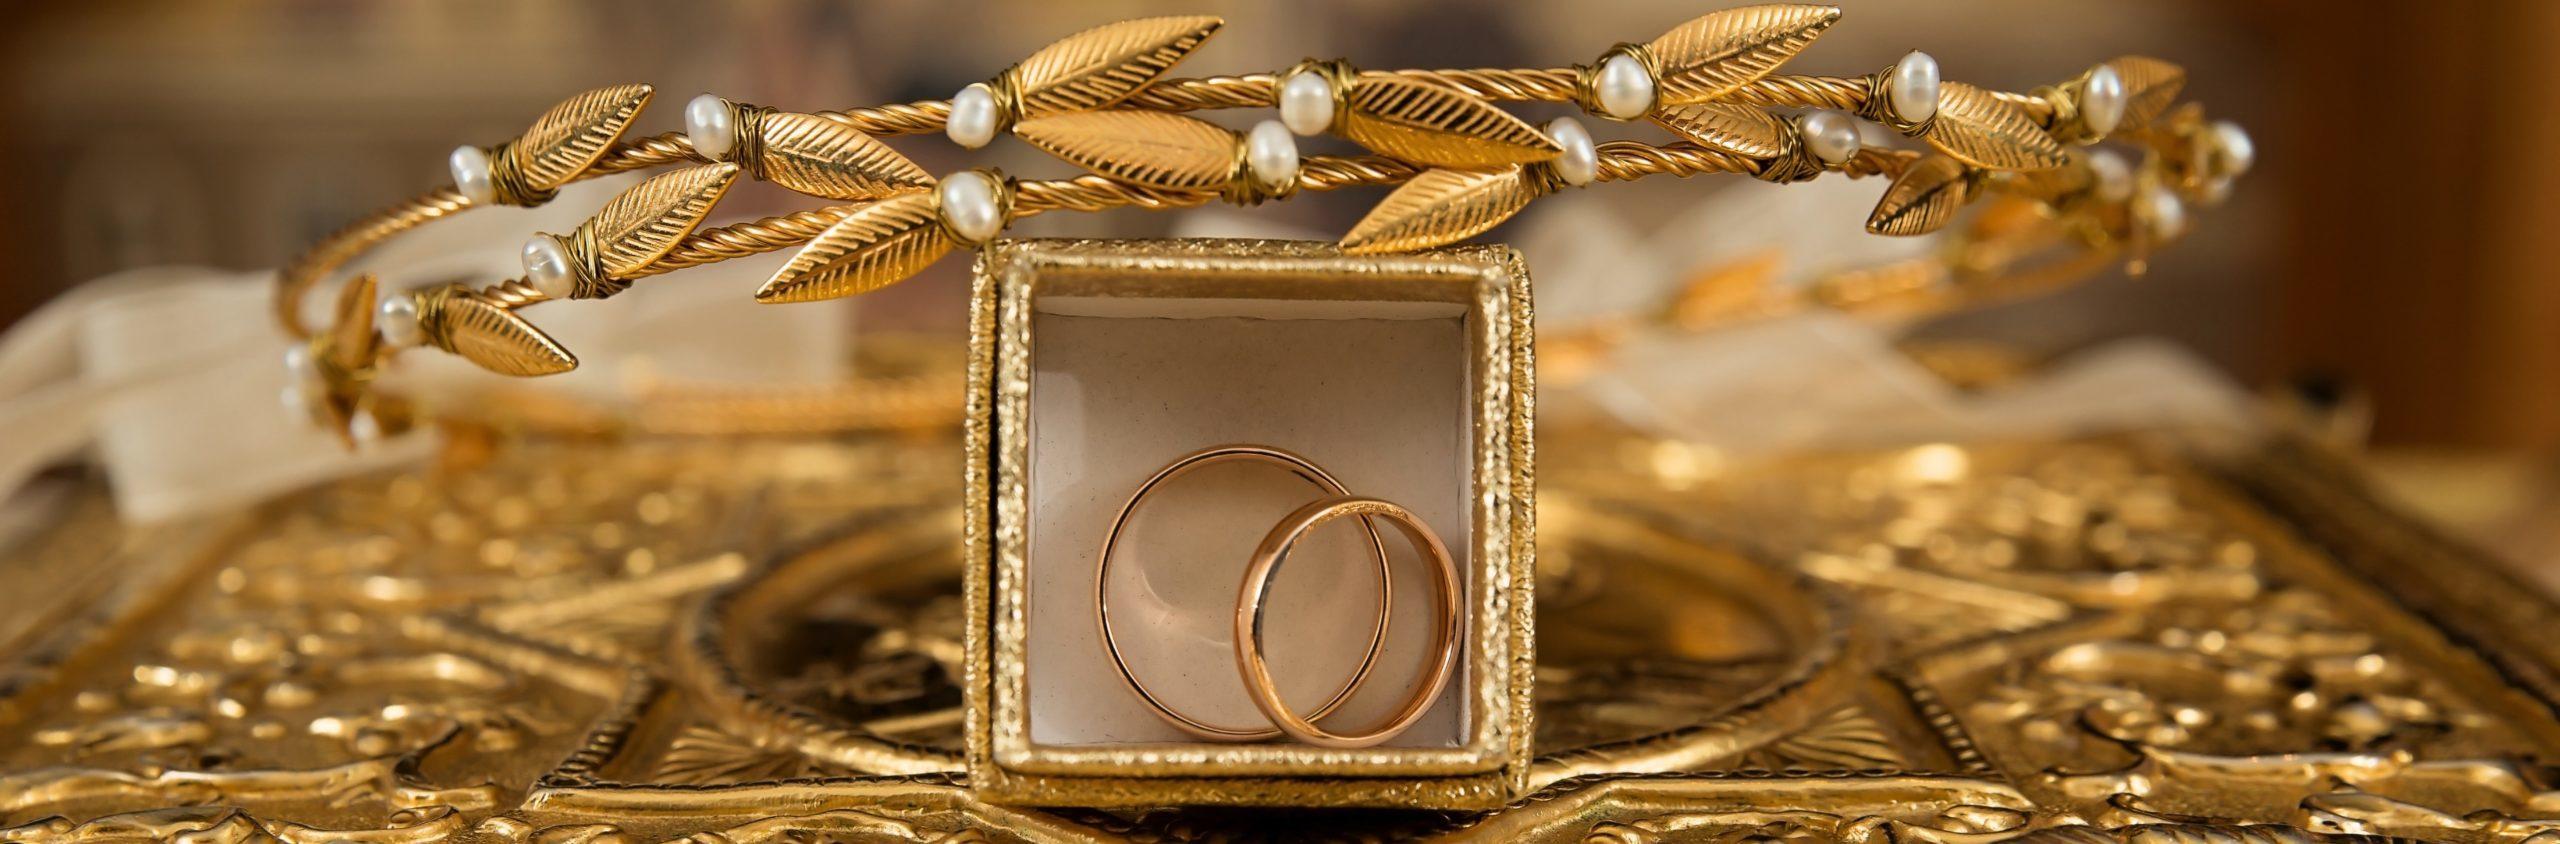 gold rings in frame